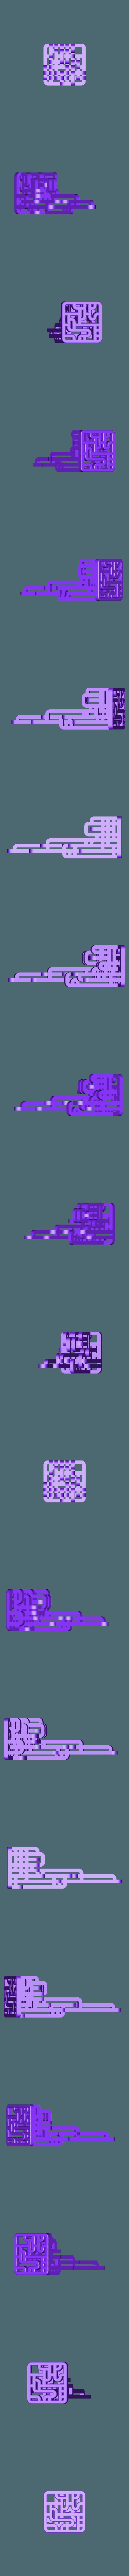 big5.stl Télécharger fichier STL gratuit Boucles de procédure • Design imprimable en 3D, ferjerez3d